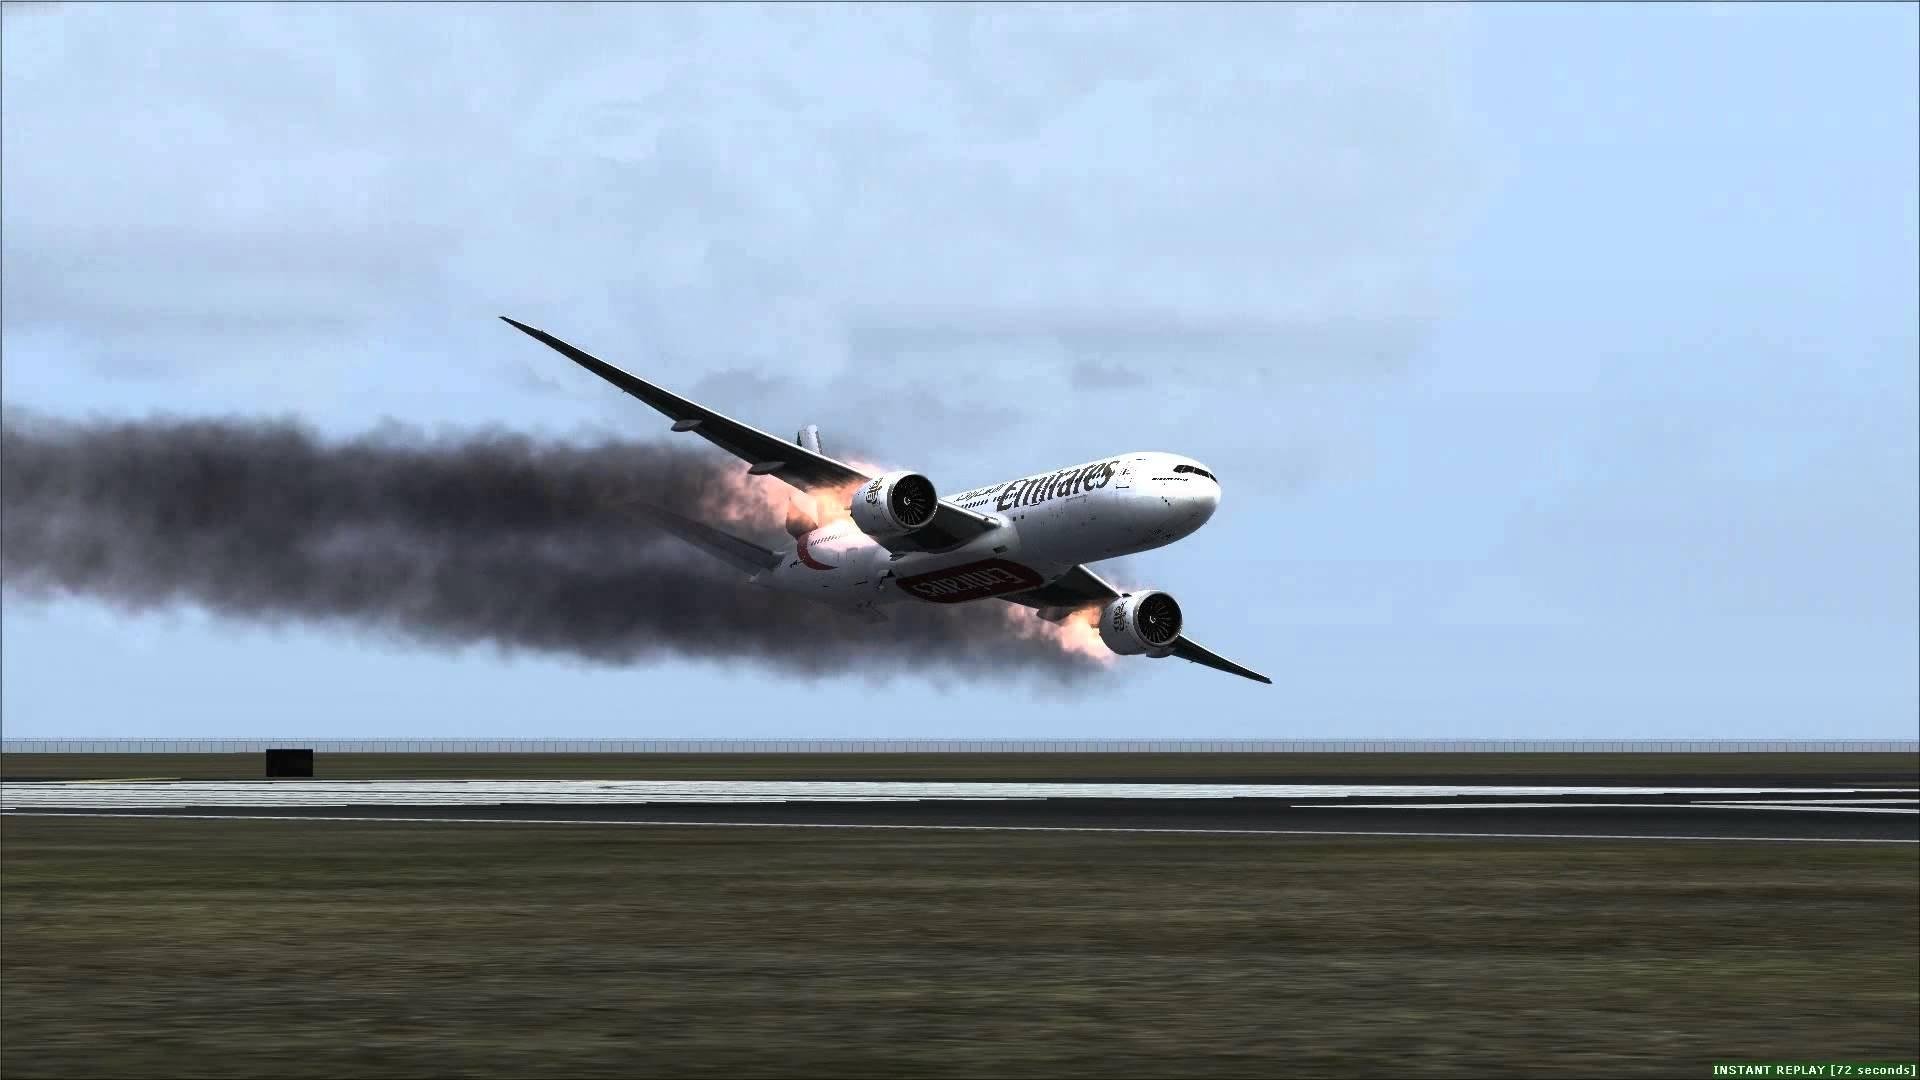 飛行機事故에 대한 이미지 검색결과